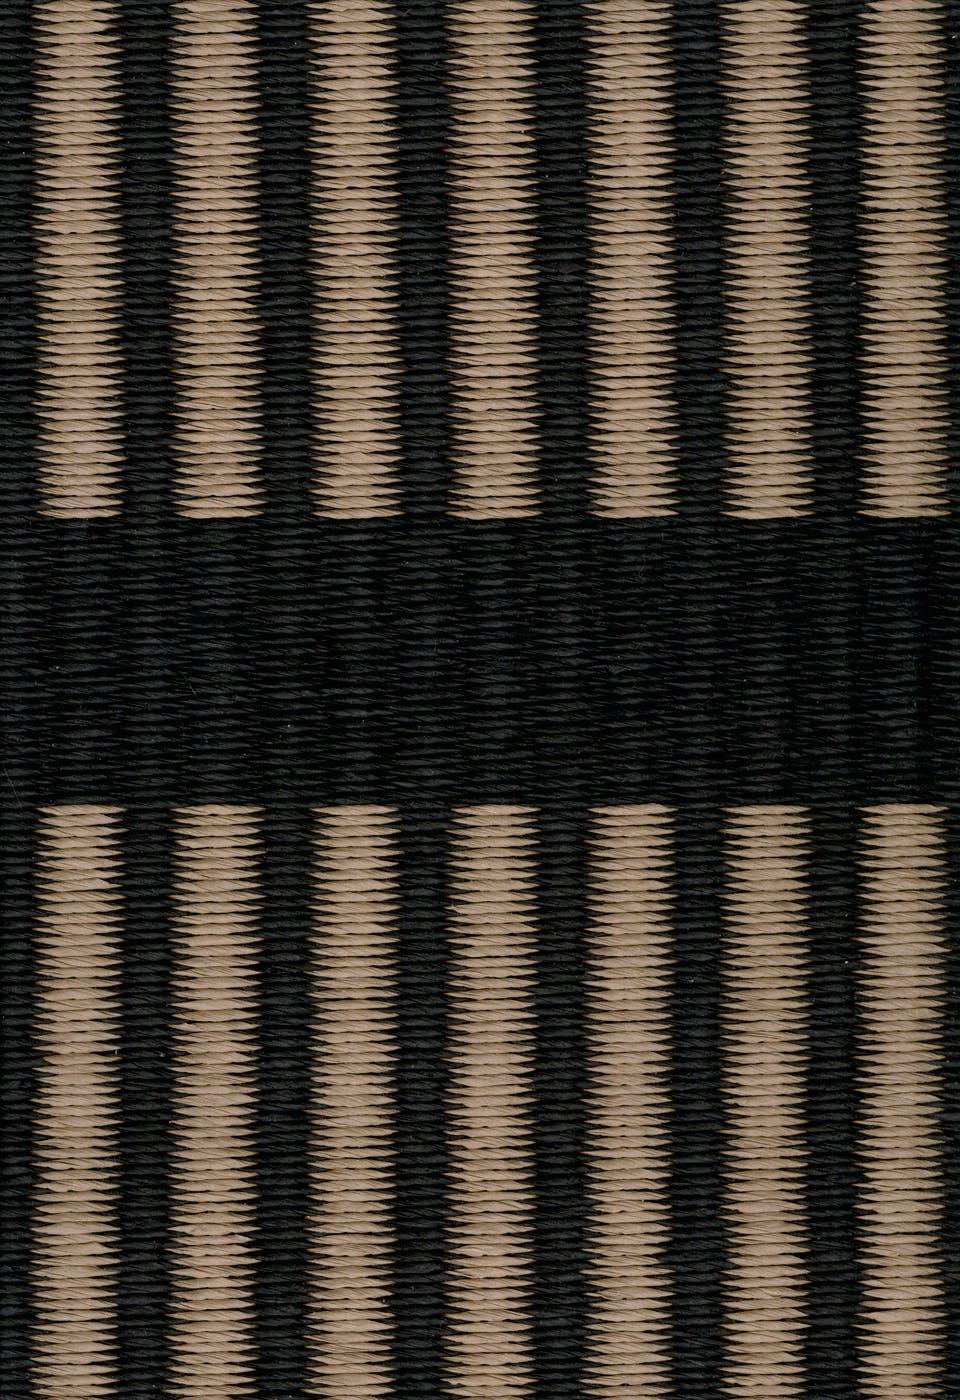 Cut Stripe 115919 663